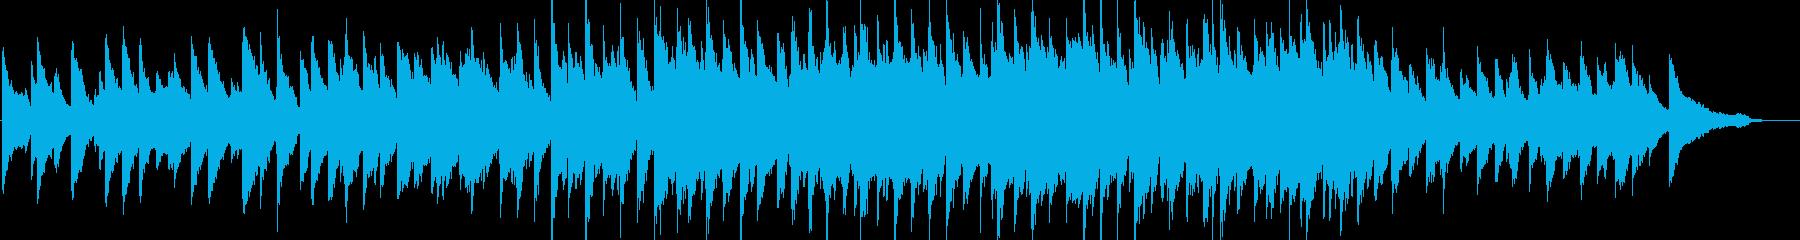 感動・壮大・バラード・ピアノソロの再生済みの波形